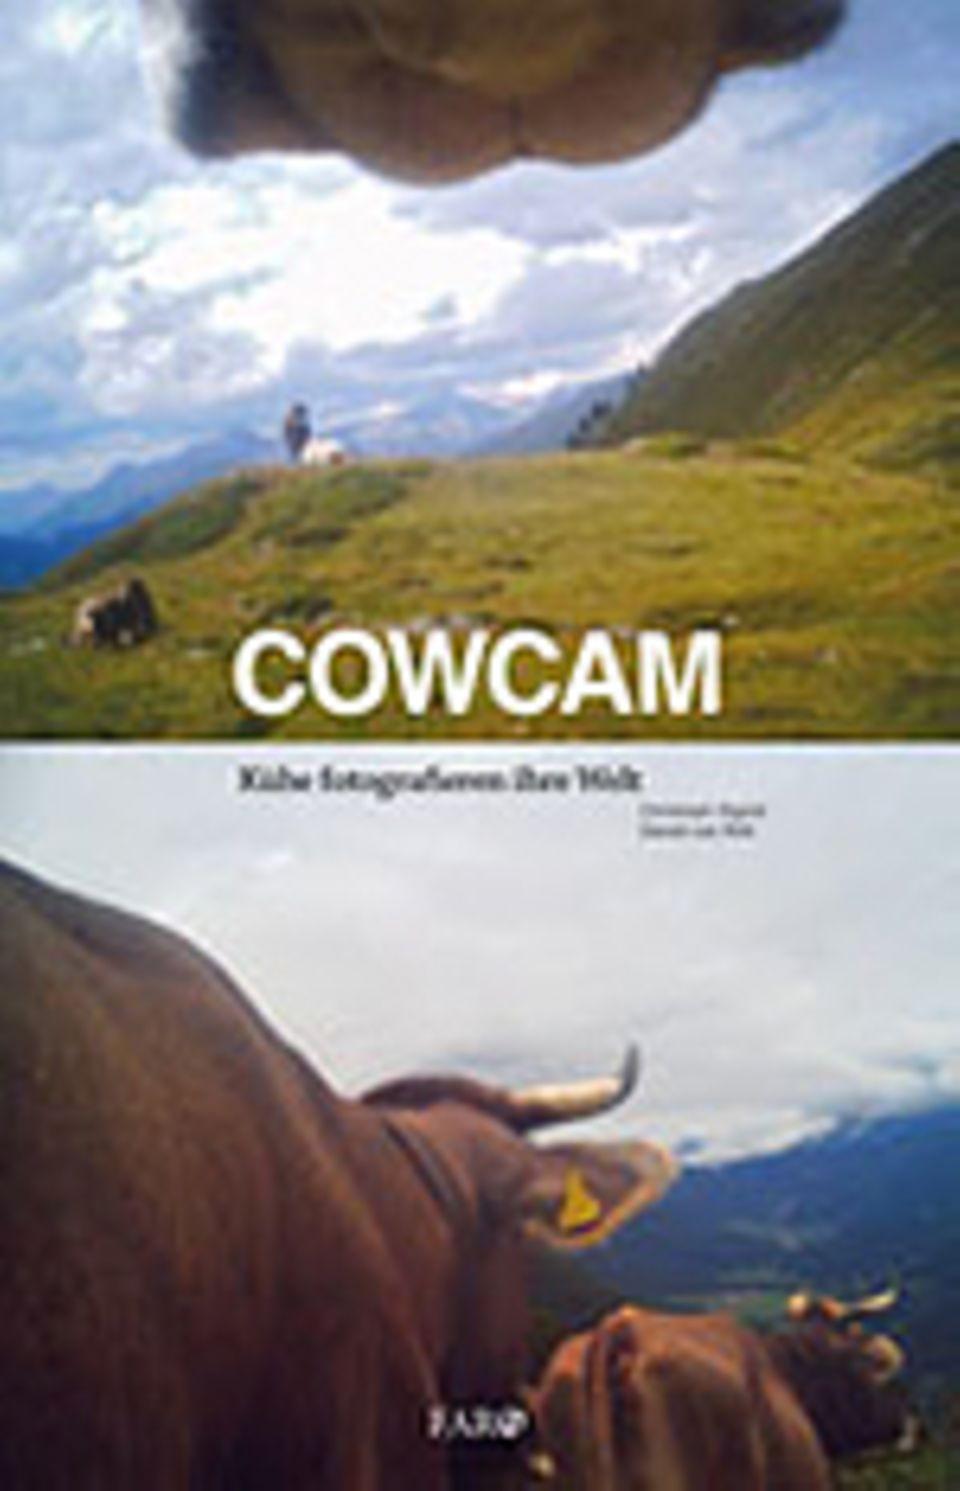 Schweizer Cowcam: Christoph Sigrist, Daniel von Rüti: Cowcam – Kühe fotografieren ihre Welt, 224 Seiten, 210 Farbfotos, Faro im Fona Verlag, 32 €, 2014